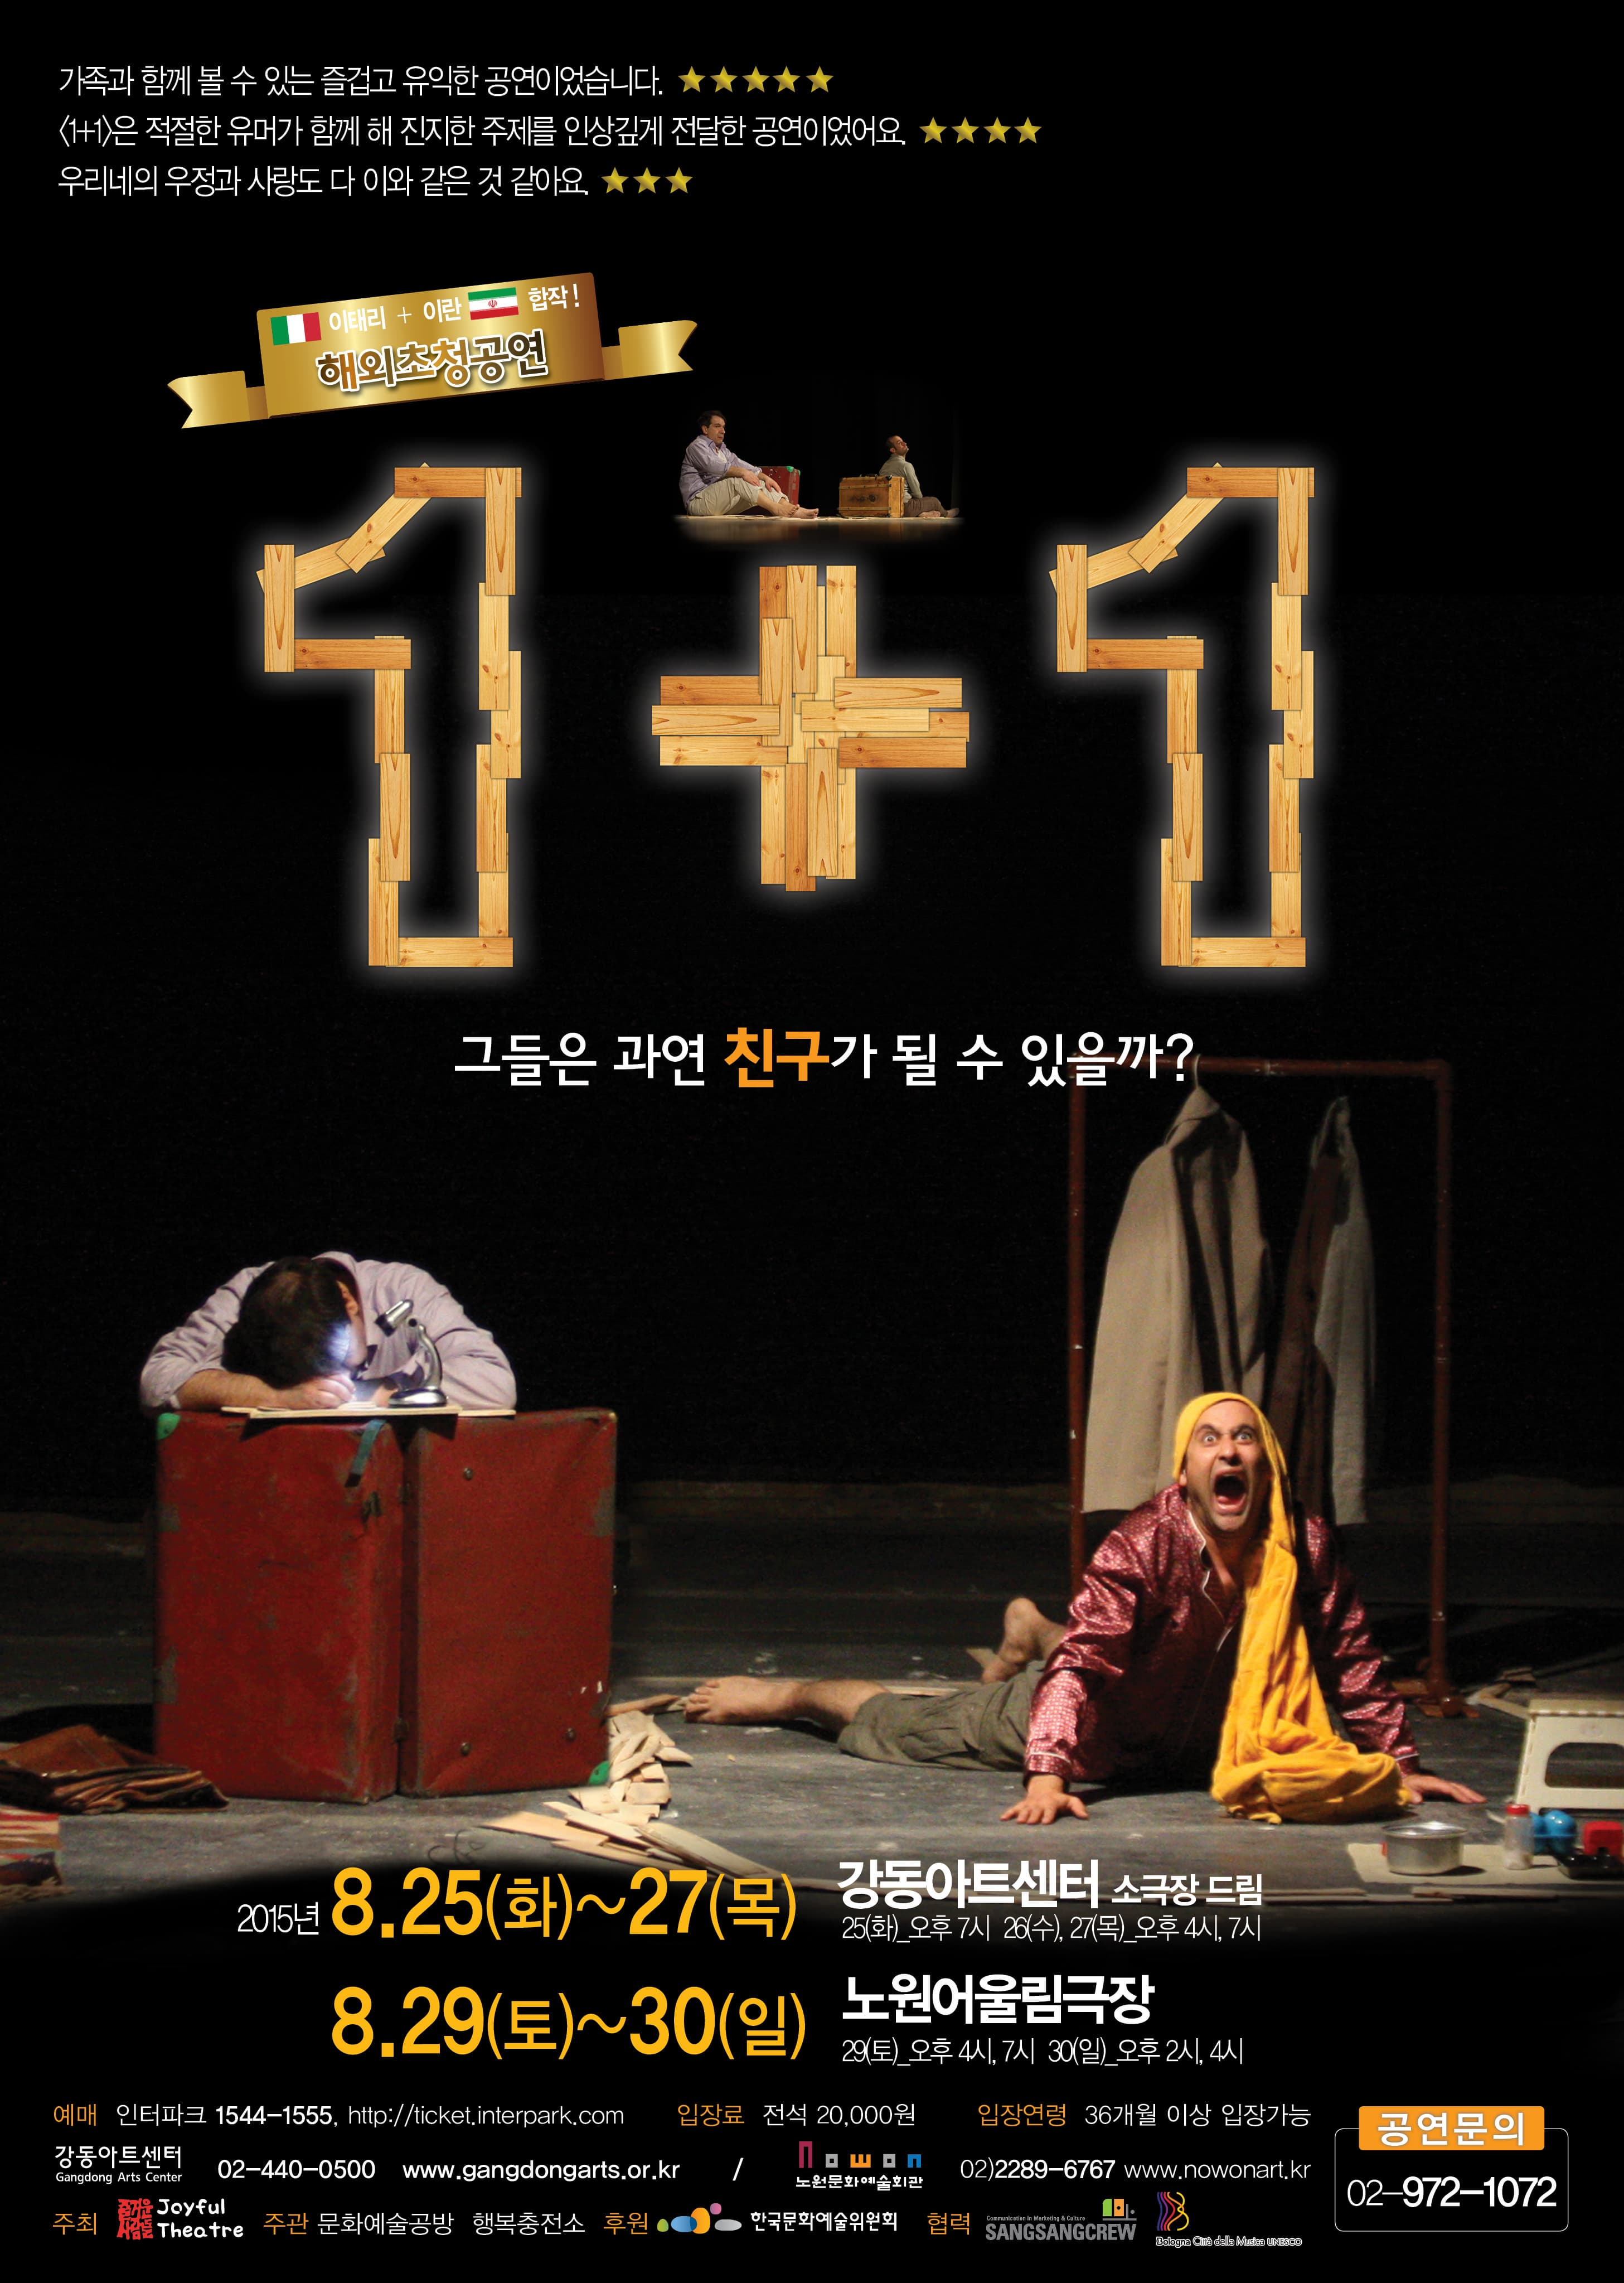 이탈리아-이란 해외초청 가족연극 <1+1>(노원)